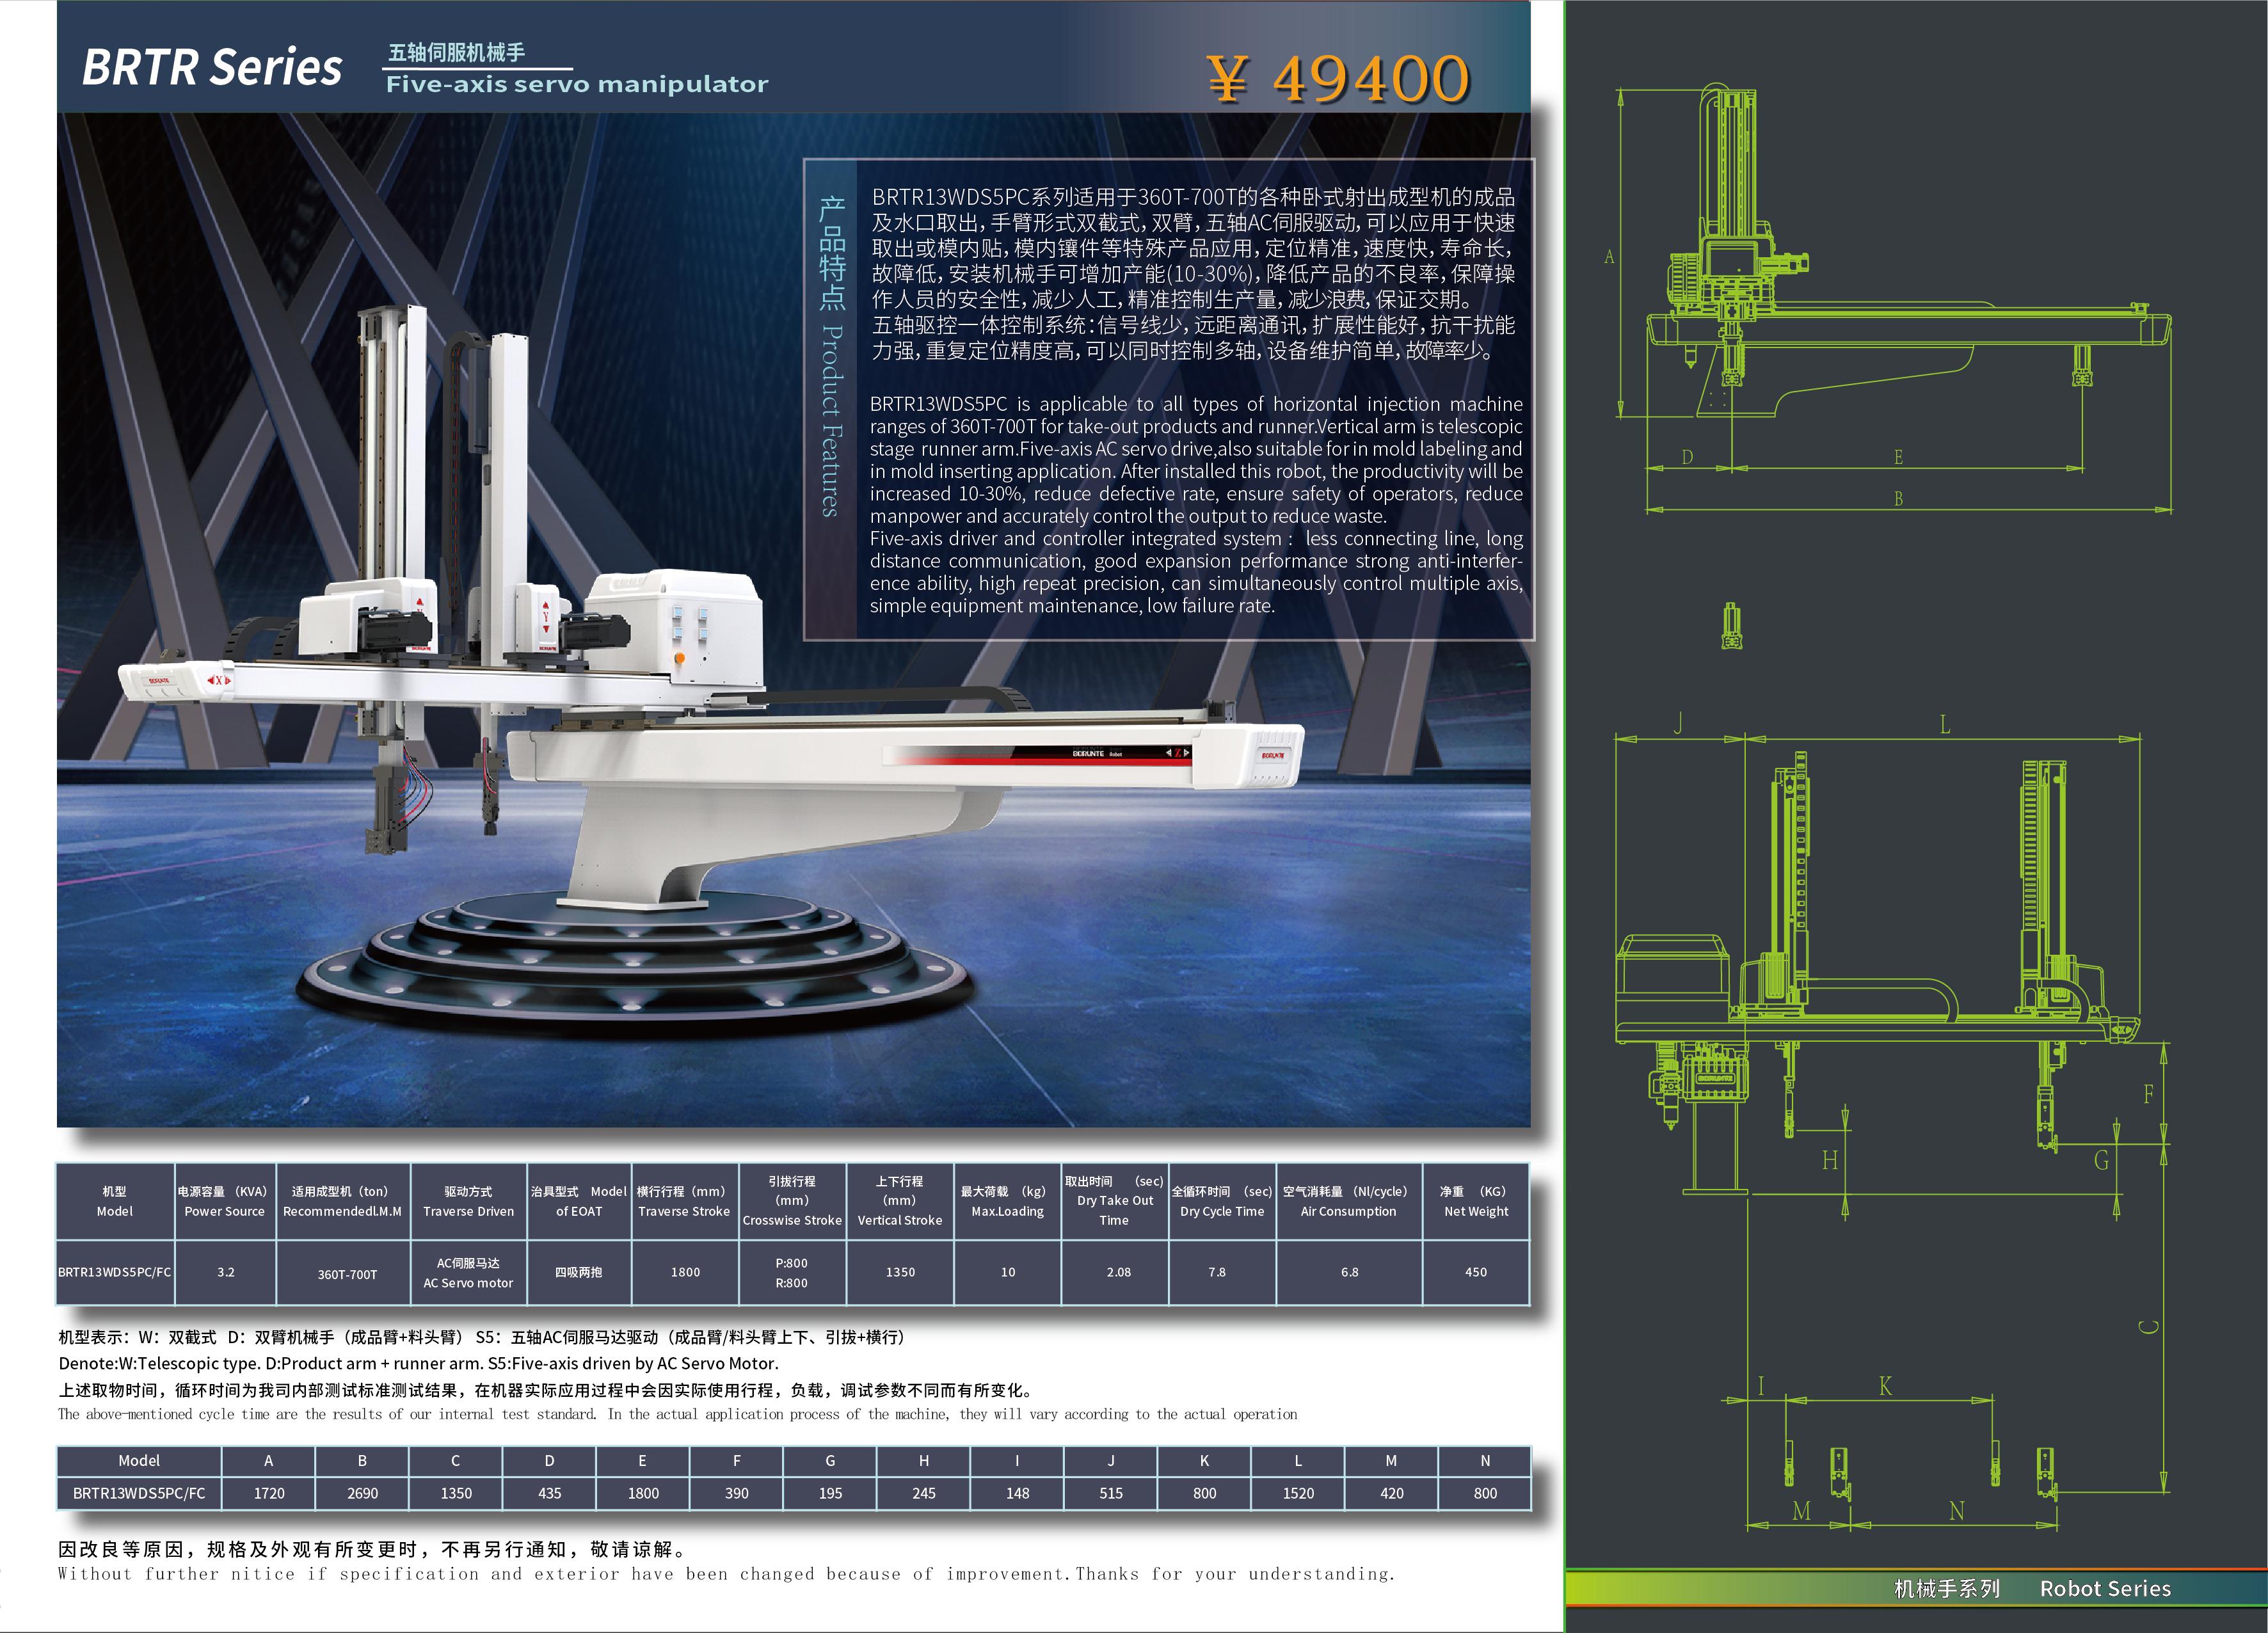 五軸伺服機械手BRTR13WDS5PC.jpg